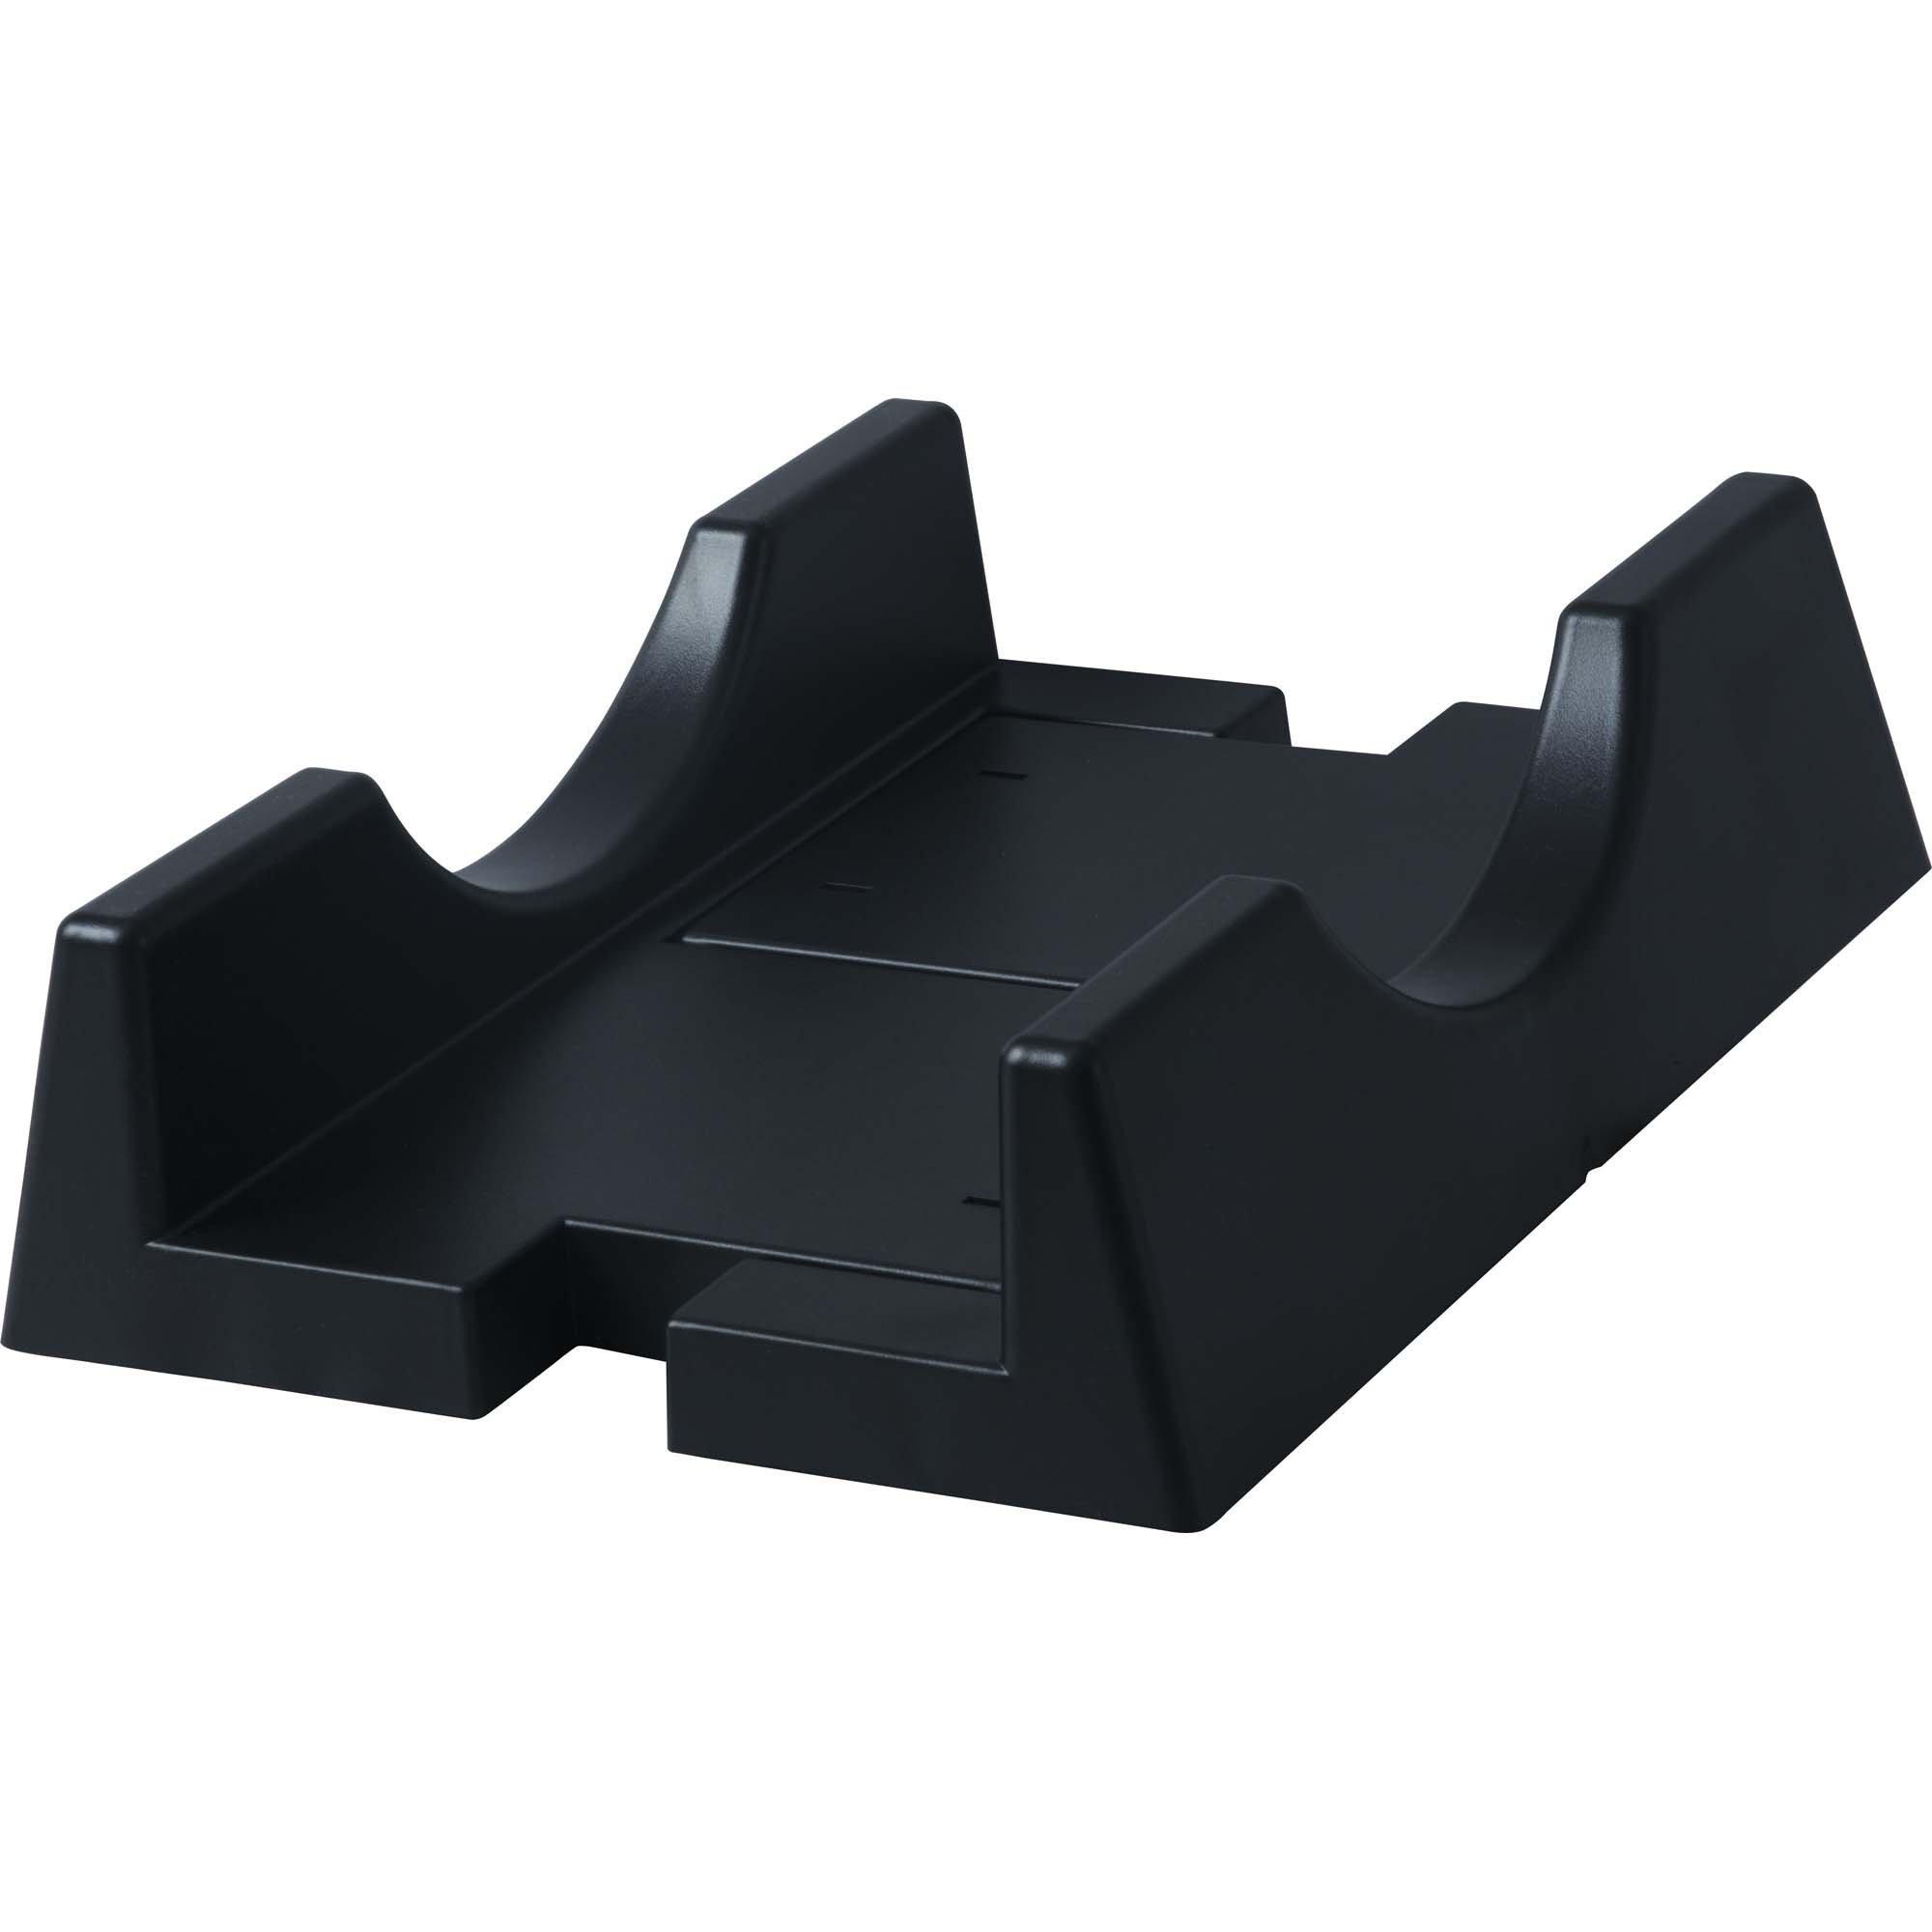 suporte para incrivel preto masticmol cpu com rodinhas 26447 2000 191039 1